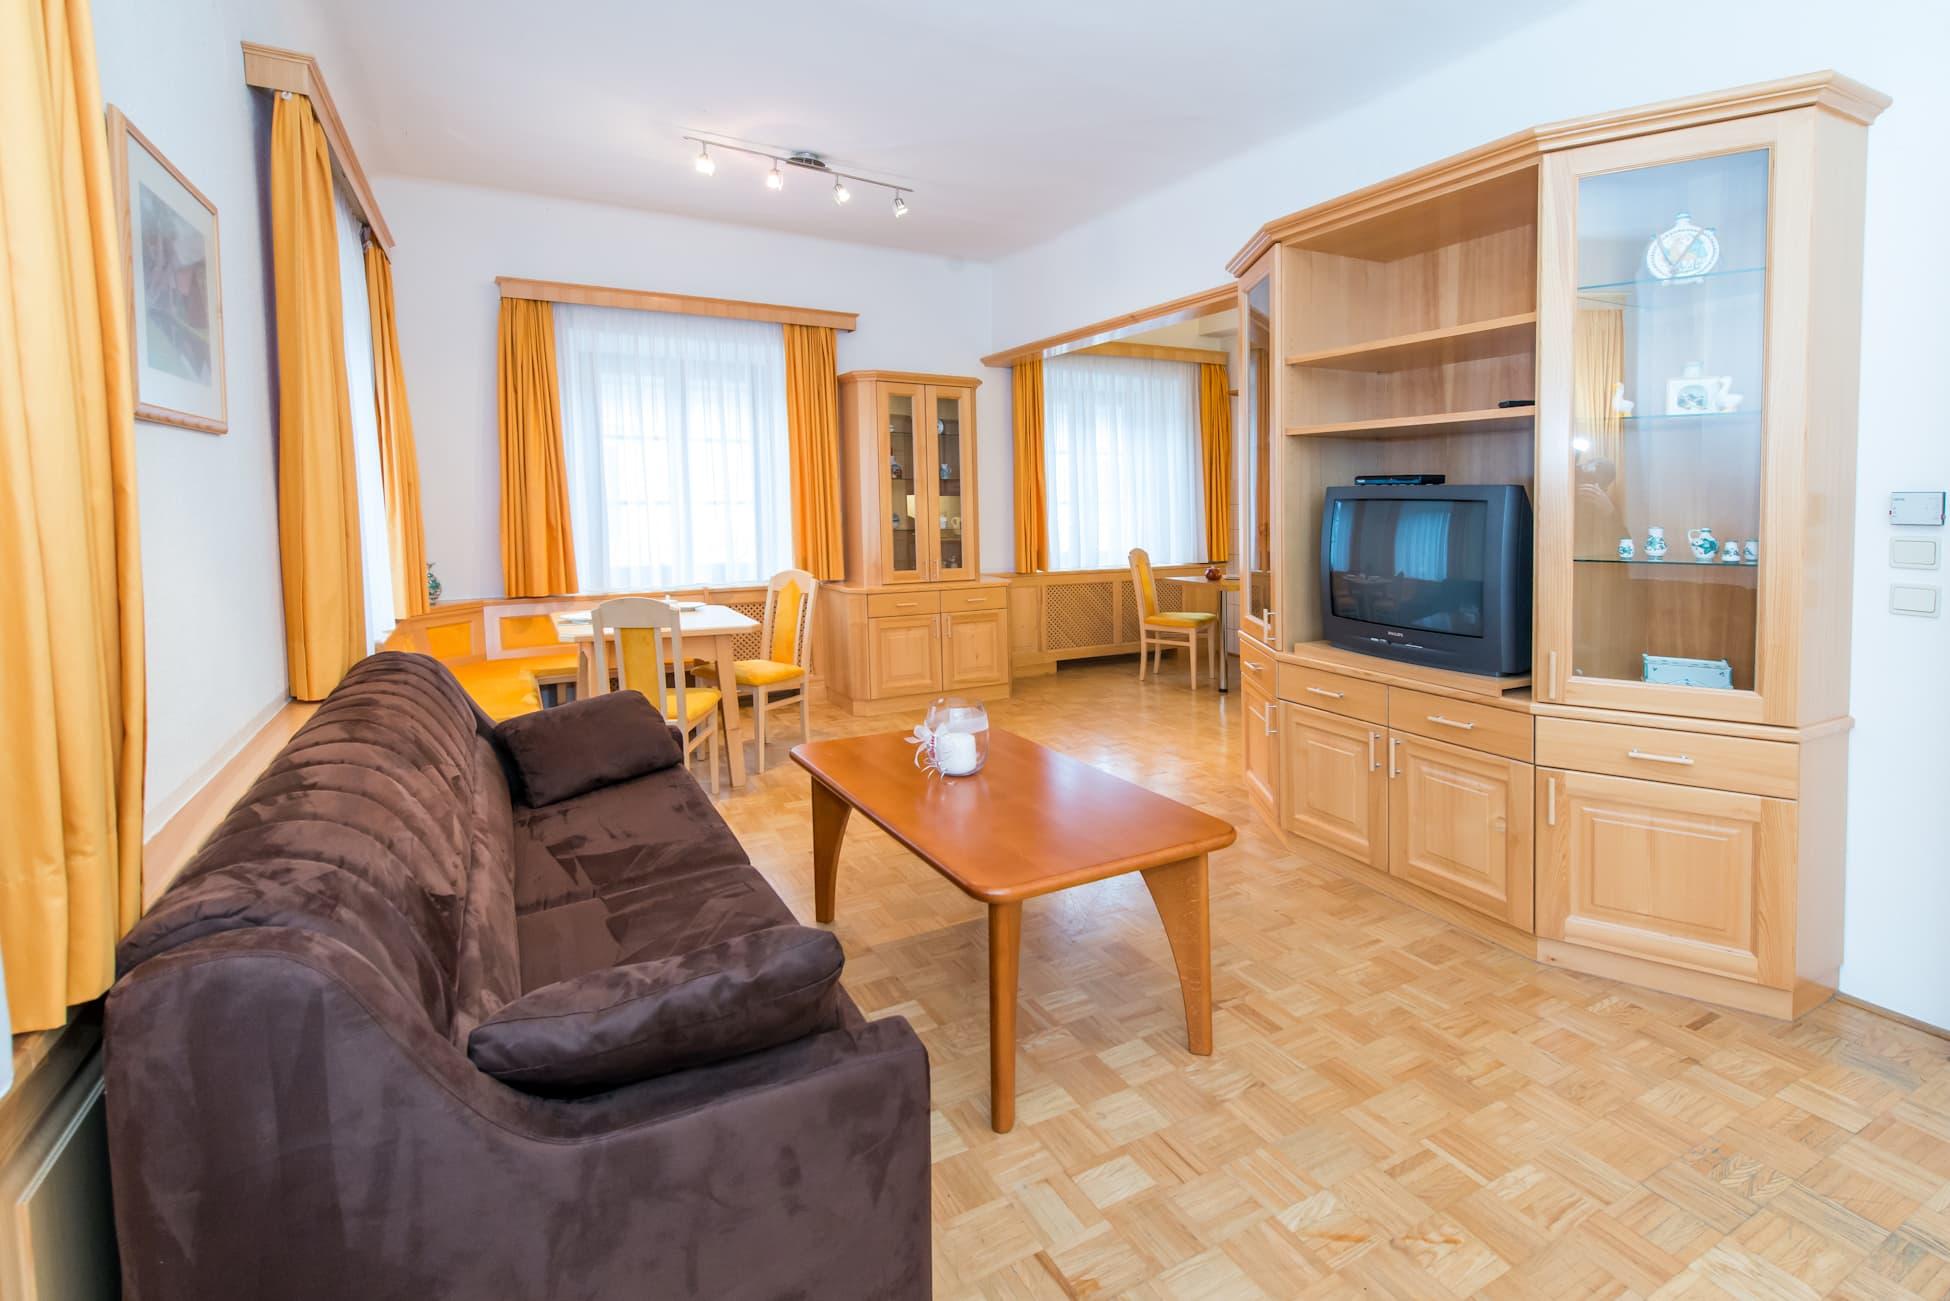 Wohnzimmer von Wohnung 5 bei ferienwohnung-ybbsitz